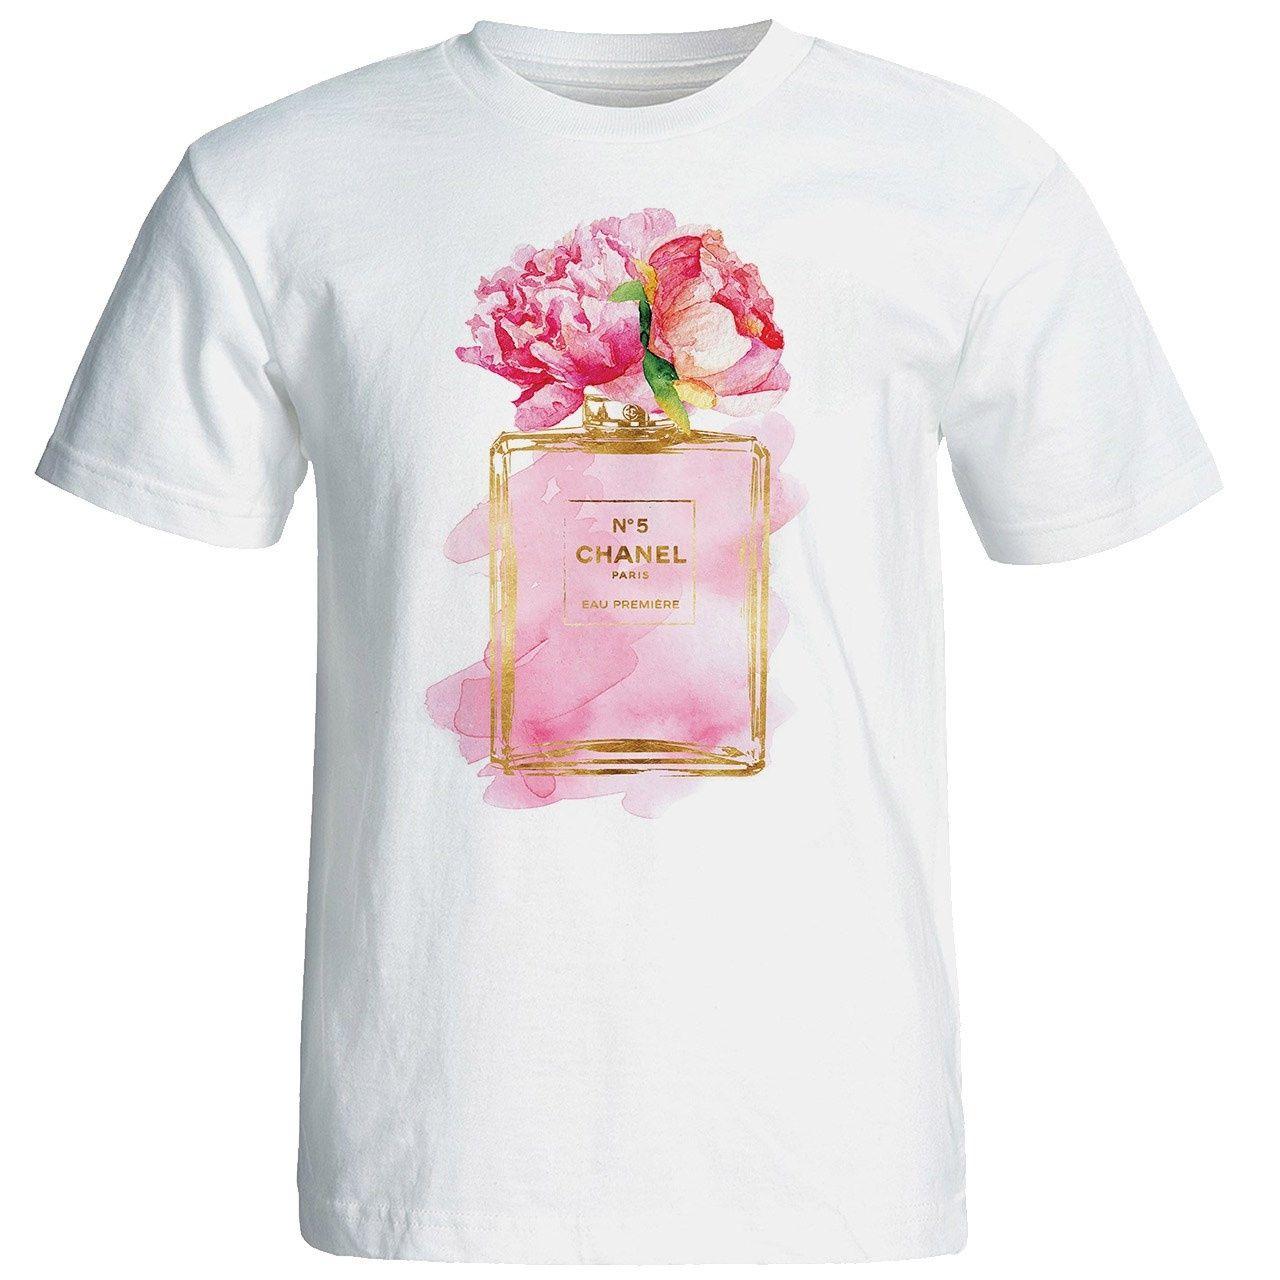 تی شرت آستین کوتاه زنانه شین دیزاین طرح فانتزی کد 4527 -  - 2